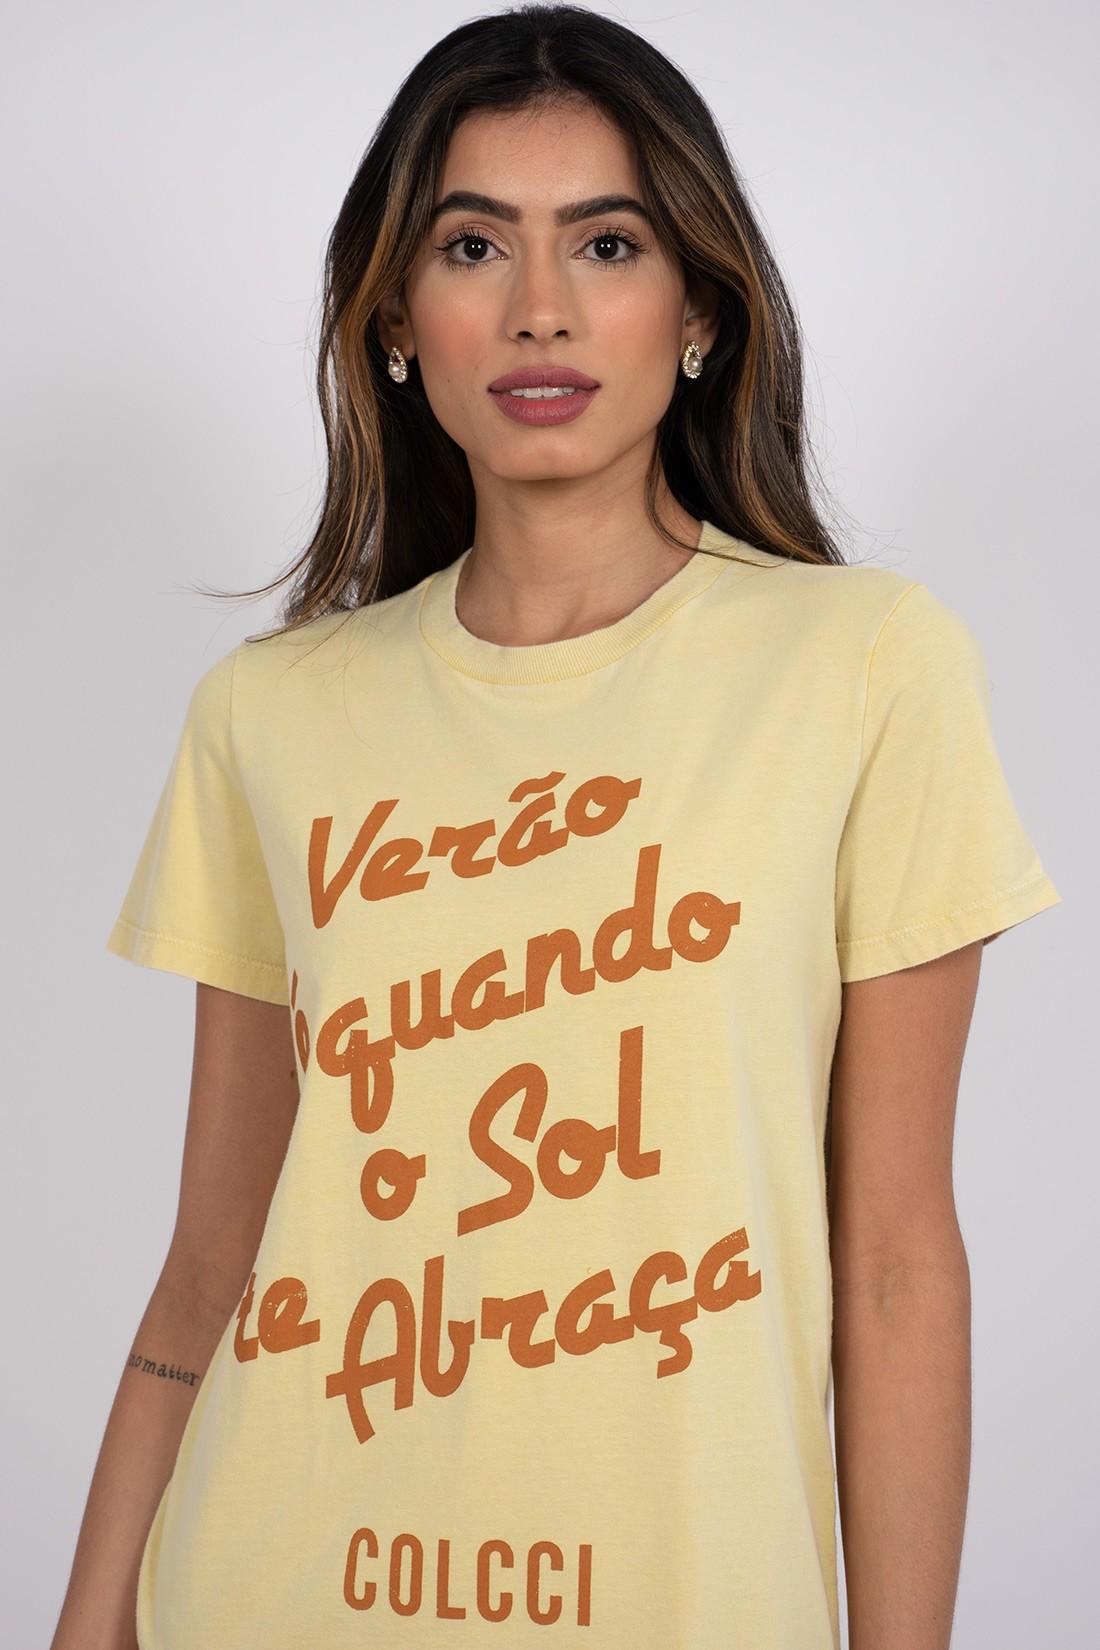 T Shirt Colcci Verao E Quando O Sol Te Abraça